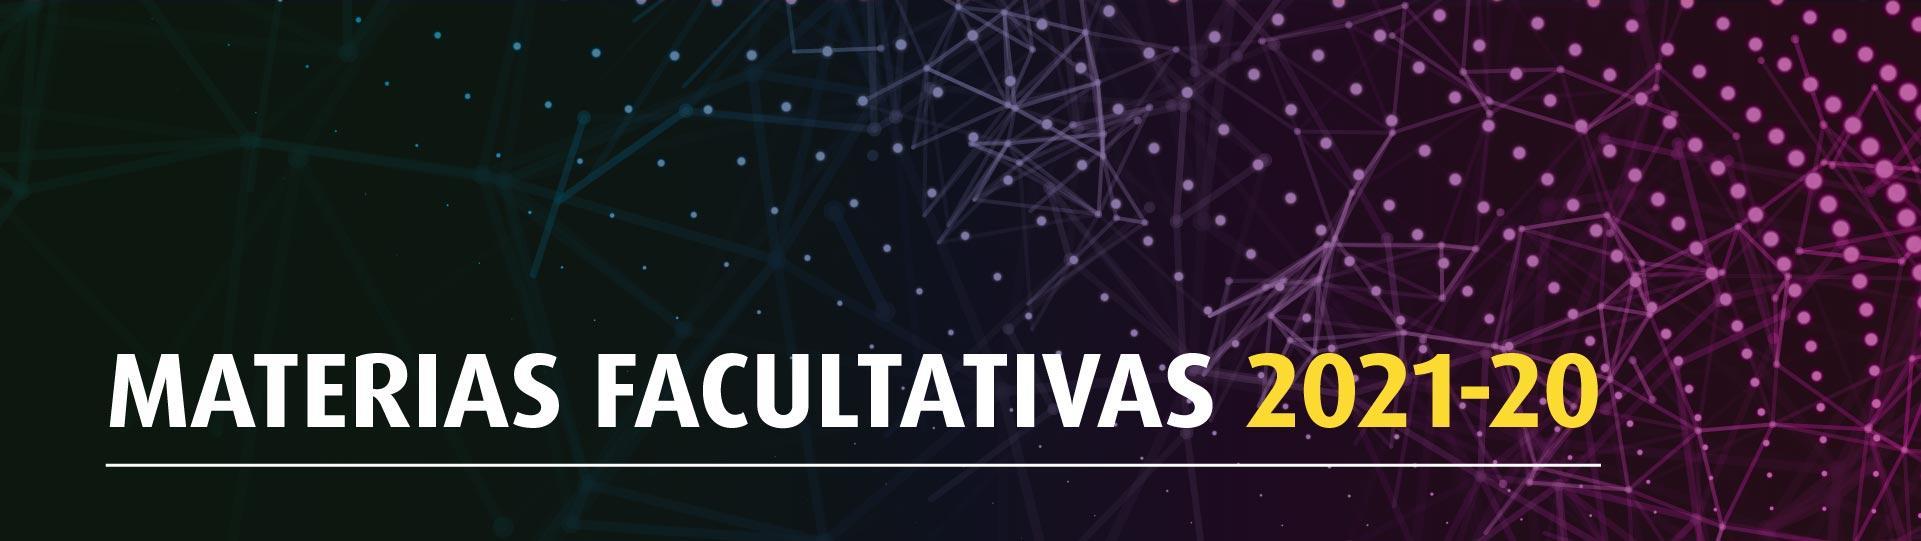 Materias Facultativas 2021-20 | Derecho | Uniandes